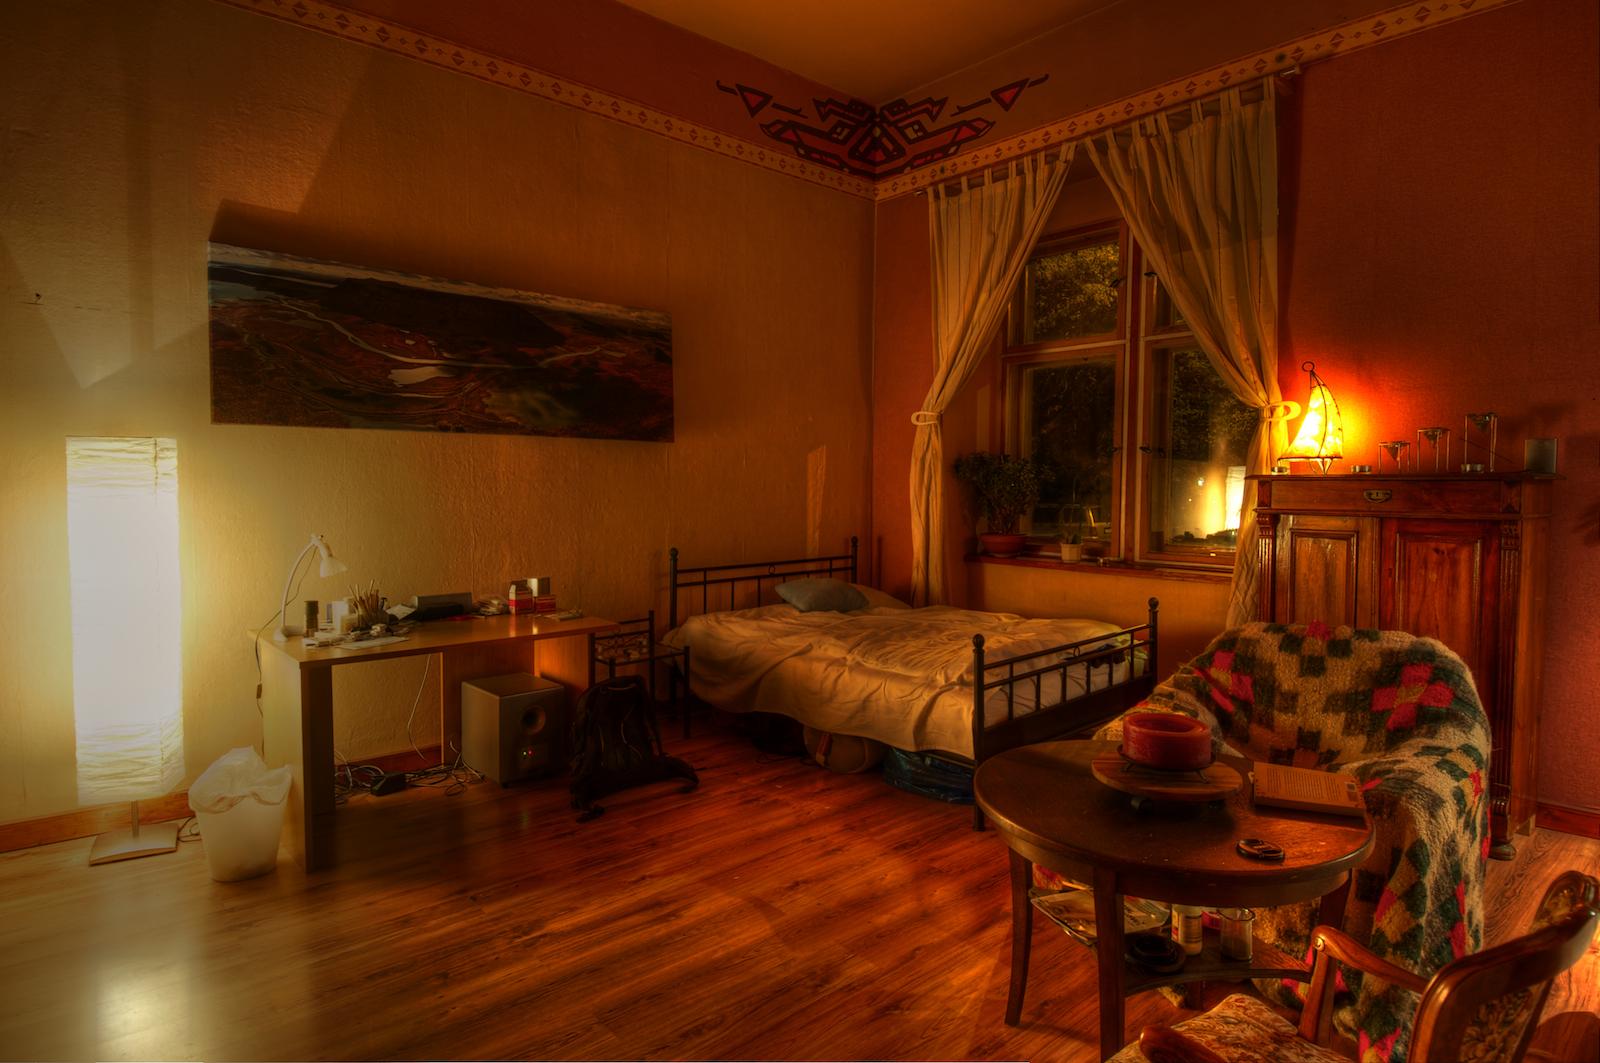 Jetzt Wo Alles Fast Fertig Eingerichtet Ist, Habe Ich Ein Paar Fotos Von  Meiner Neuen Wohnung In Dresden Striesen Gemacht. Morgen Geht Die Uni  Wieder Los!